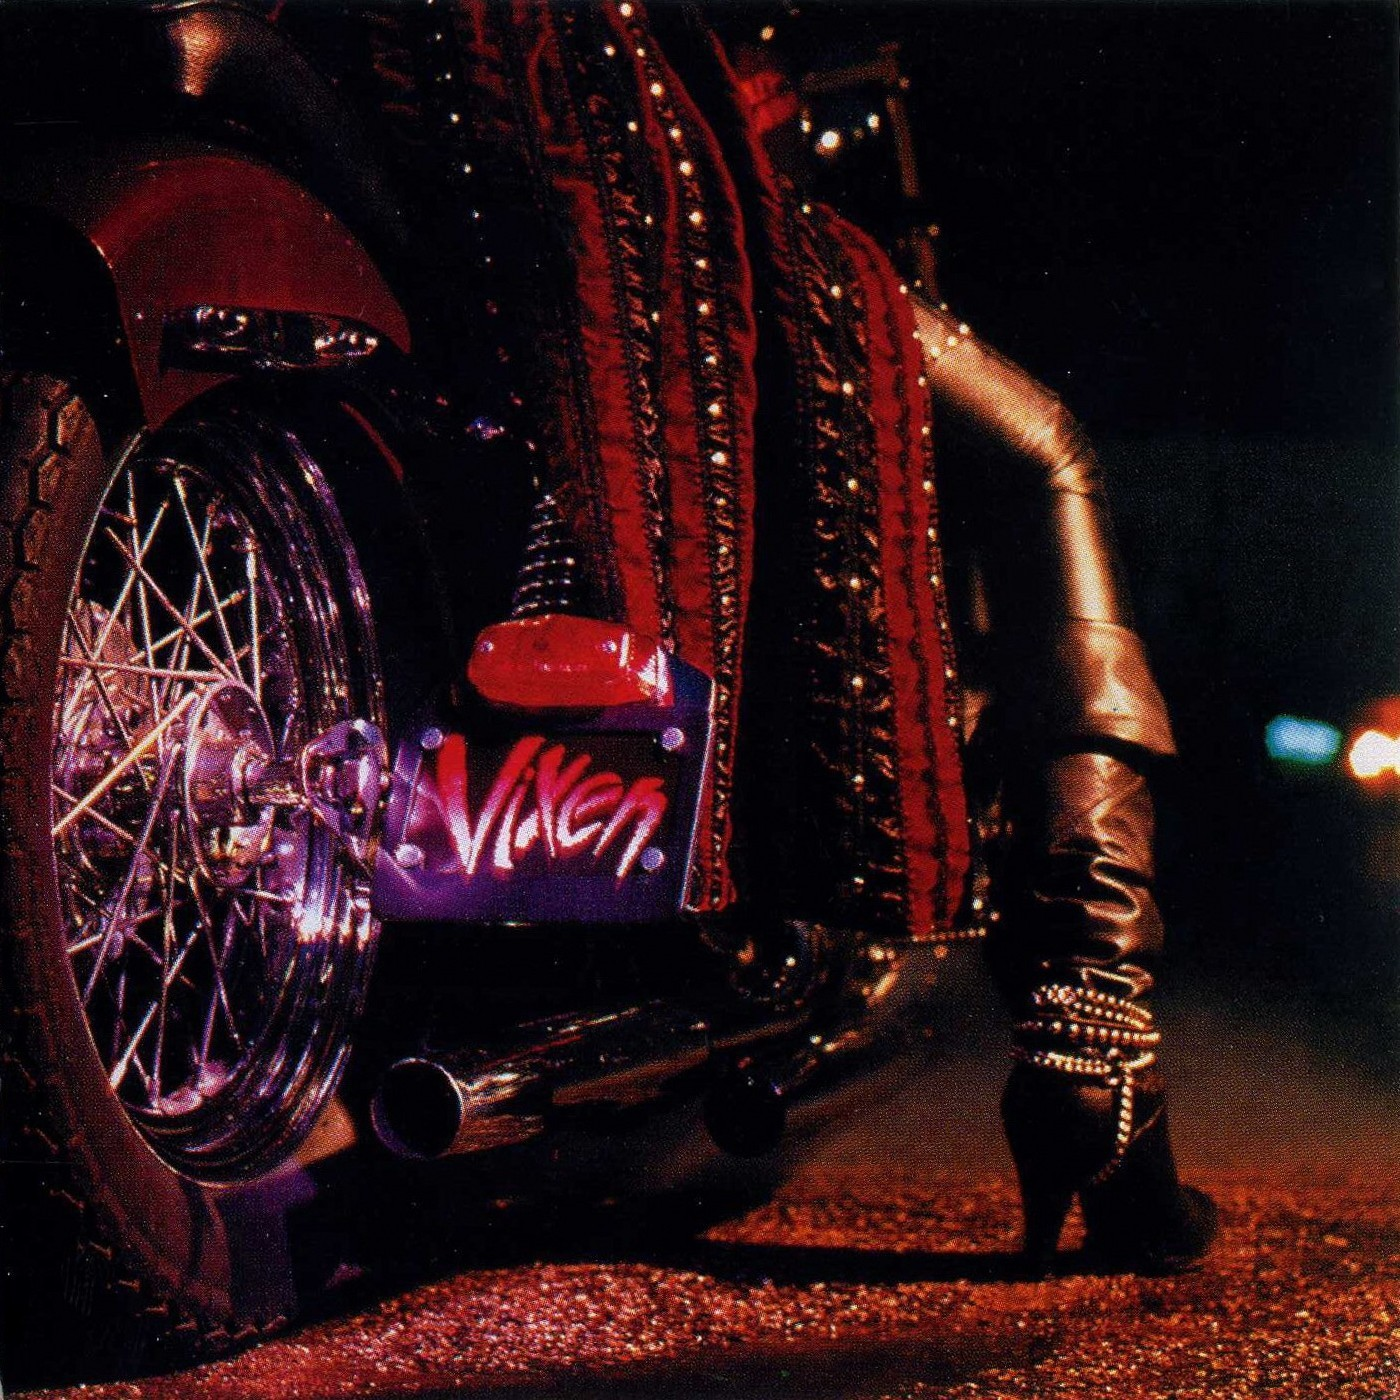 Vixen+-+Vixen+%25281988%2529+by+Di+Sant.jpg